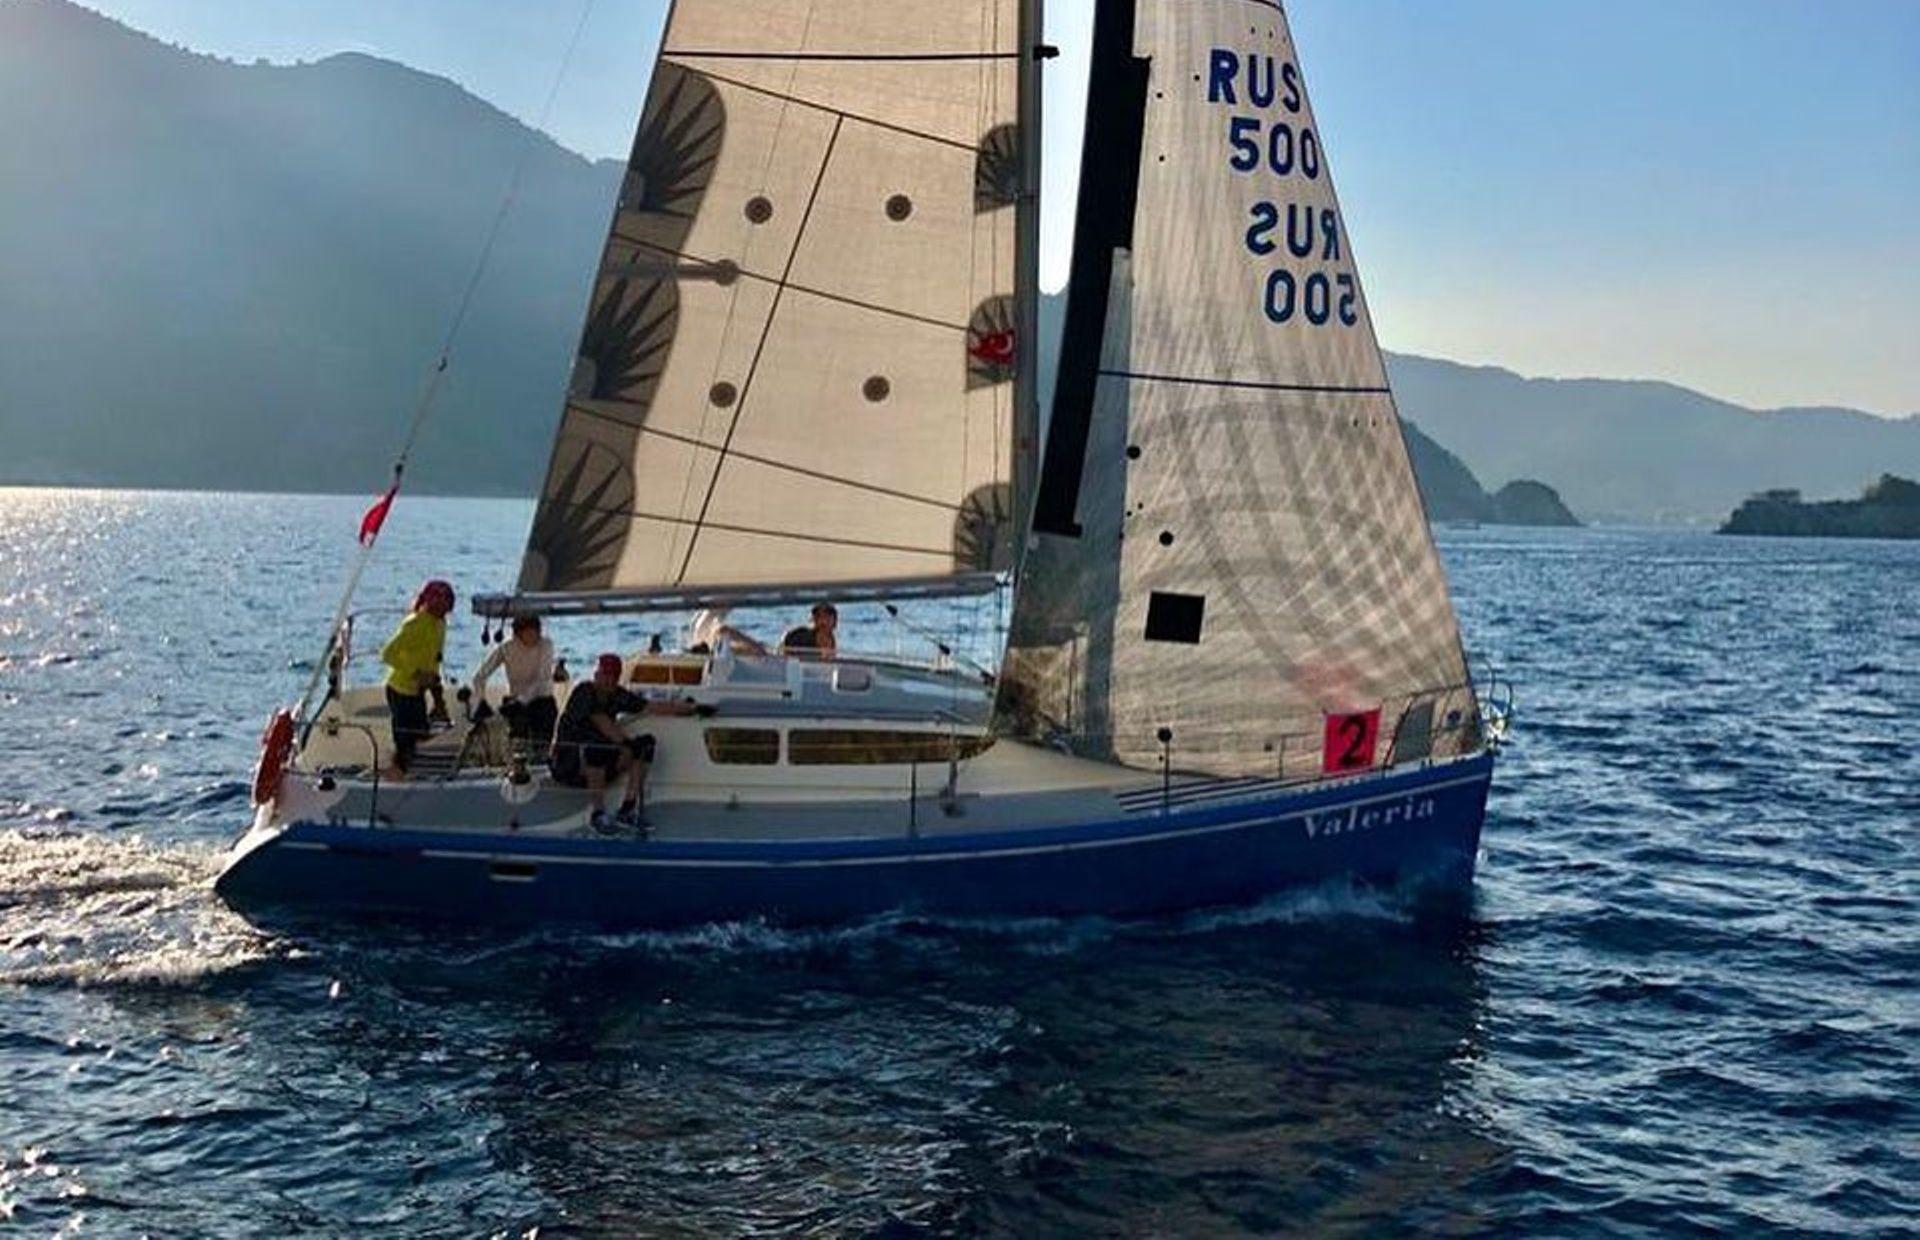 https://media.insailing.com/boat/valeria/image_1583496701404.jpg